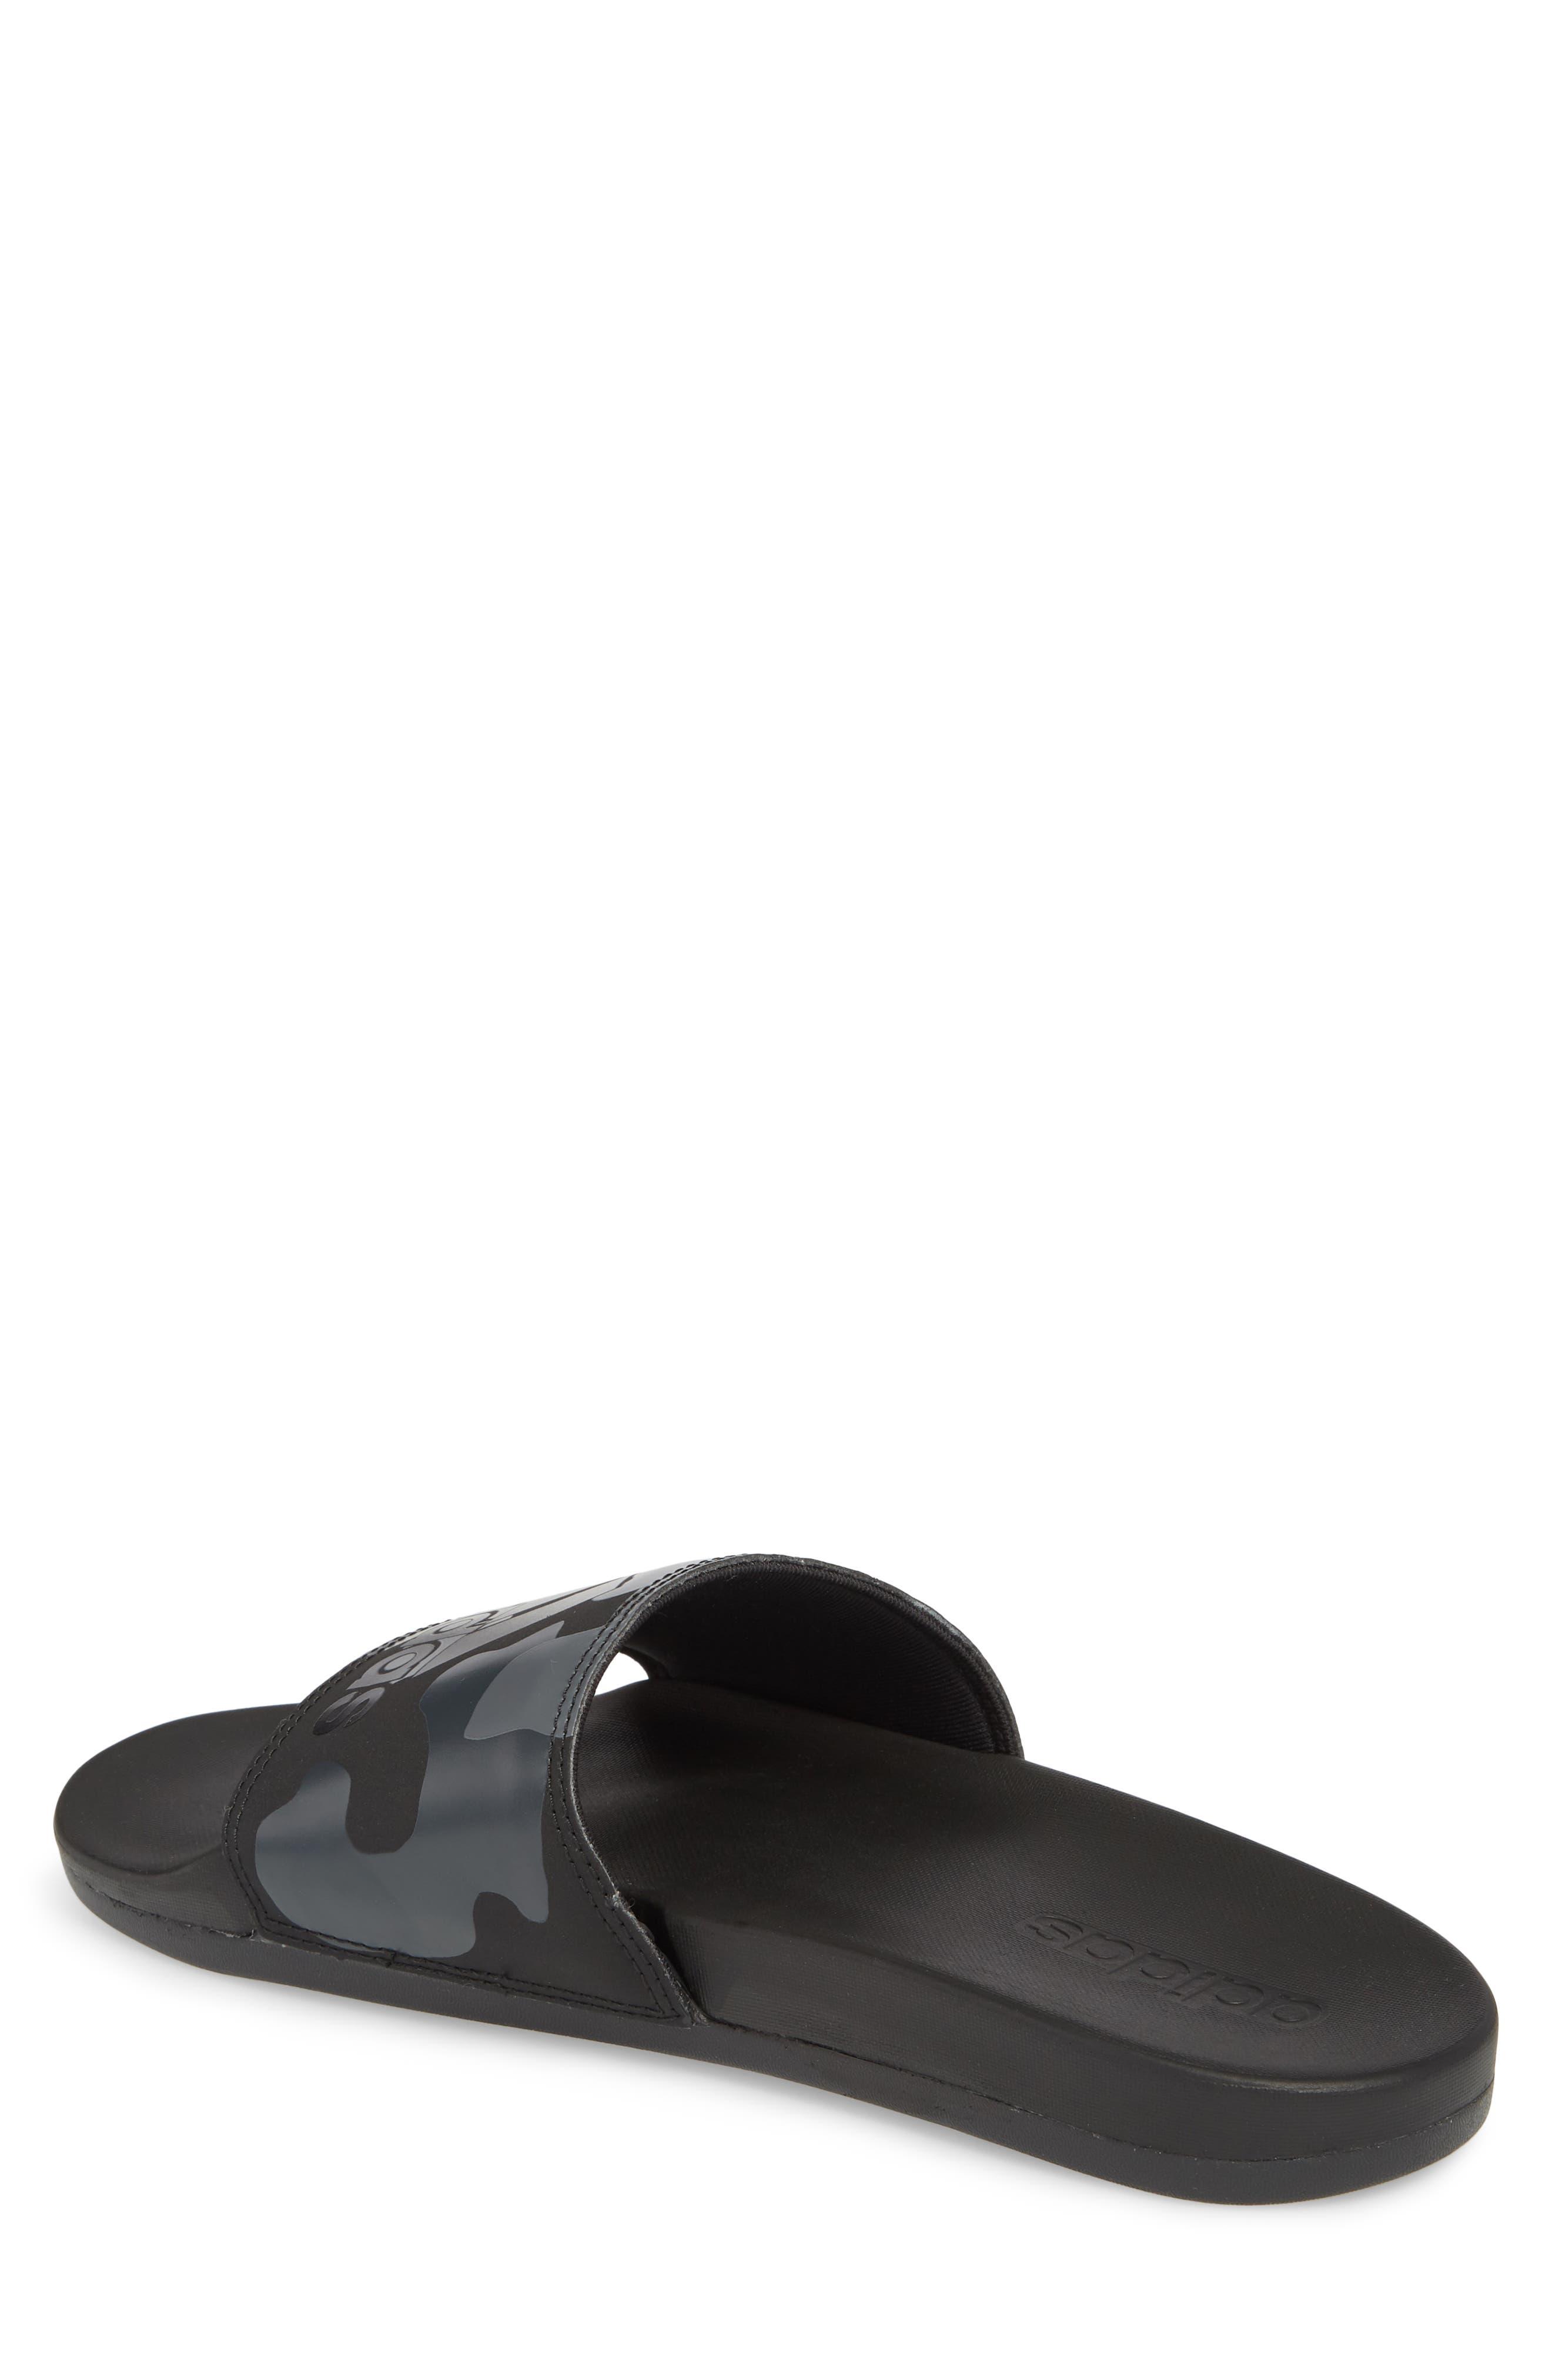 Cloudfoam Plus Slide Sandal,                             Alternate thumbnail 2, color,                             Core Black/ White/ Carbon